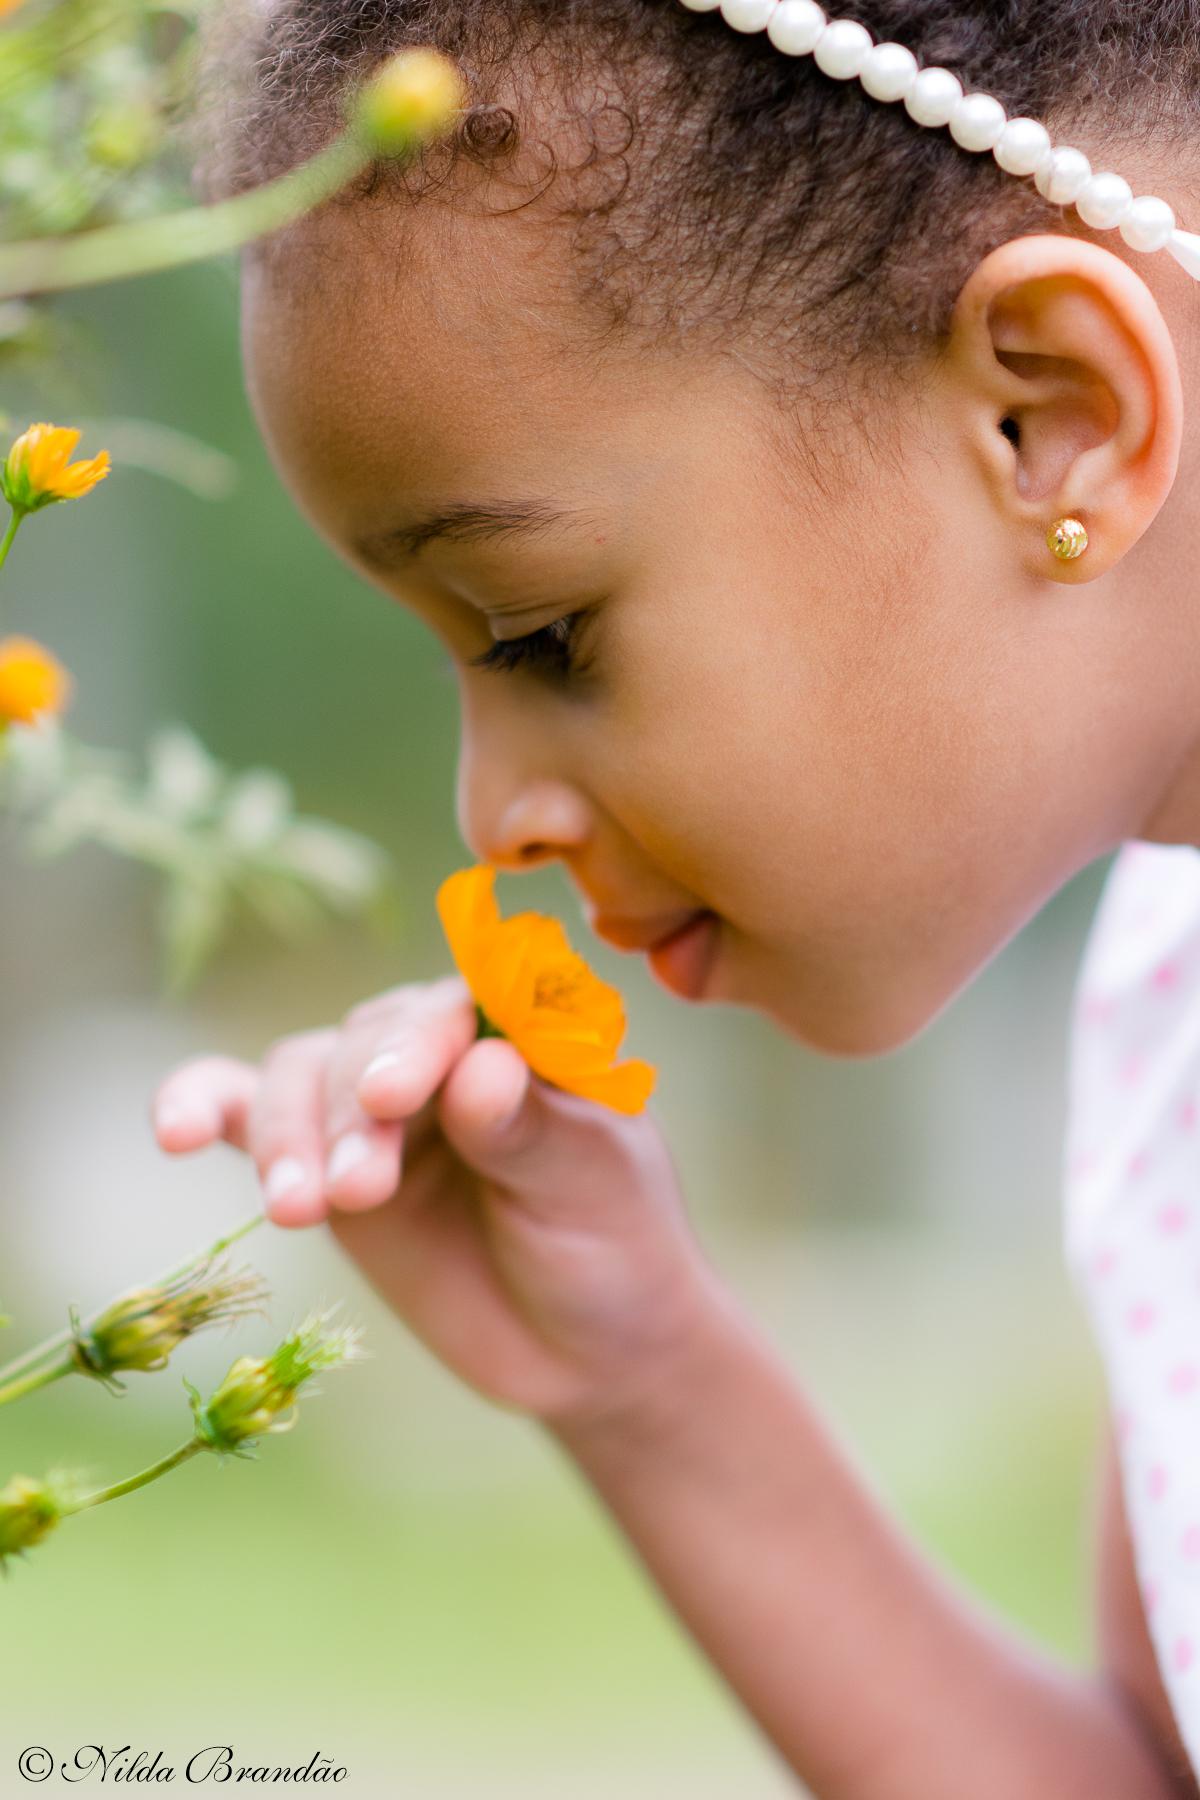 Cheirando uma flor no parque, o ensaio da Julia foi só ternura.